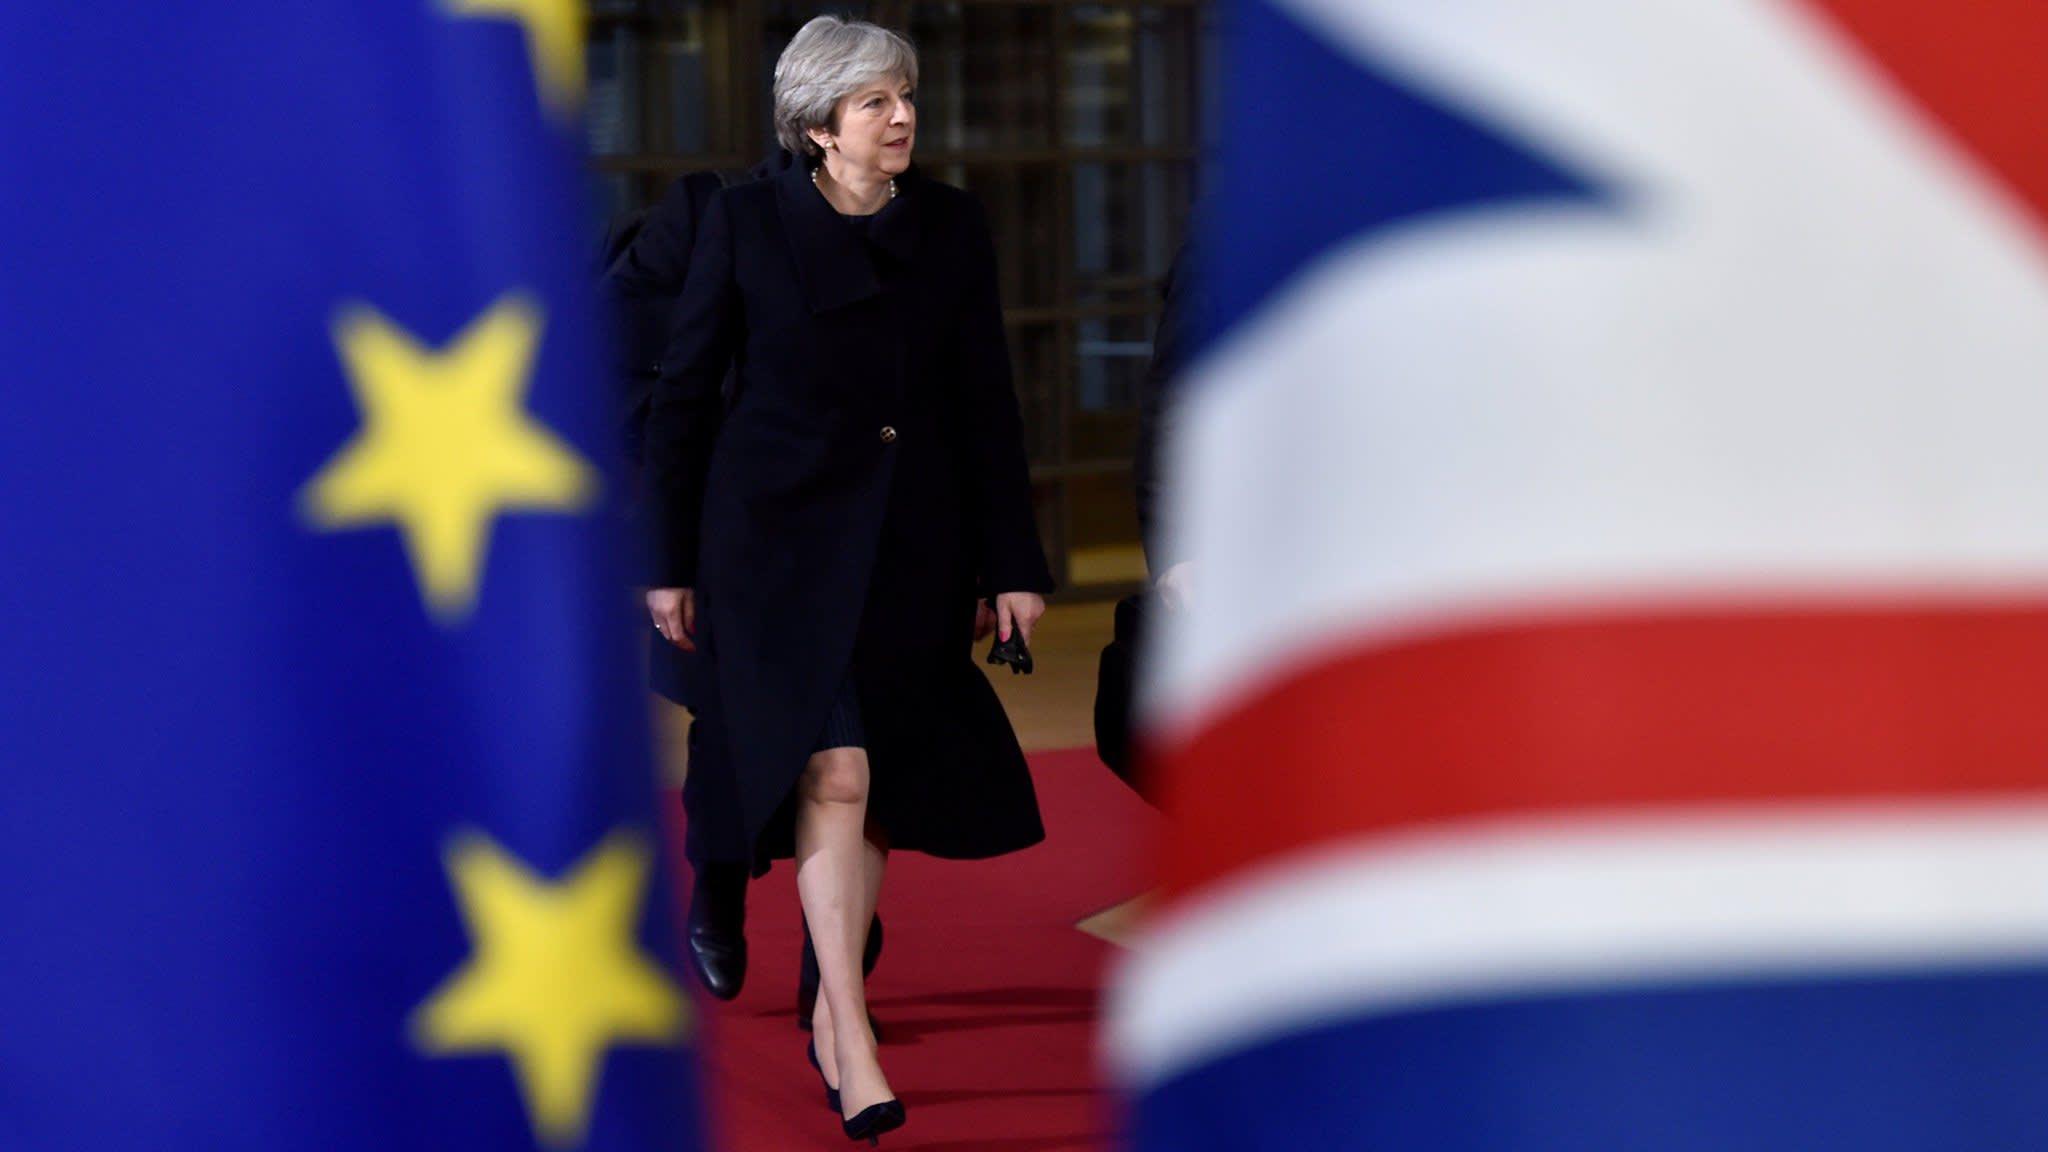 Brussels gives UK 24-hour Brexit deadline